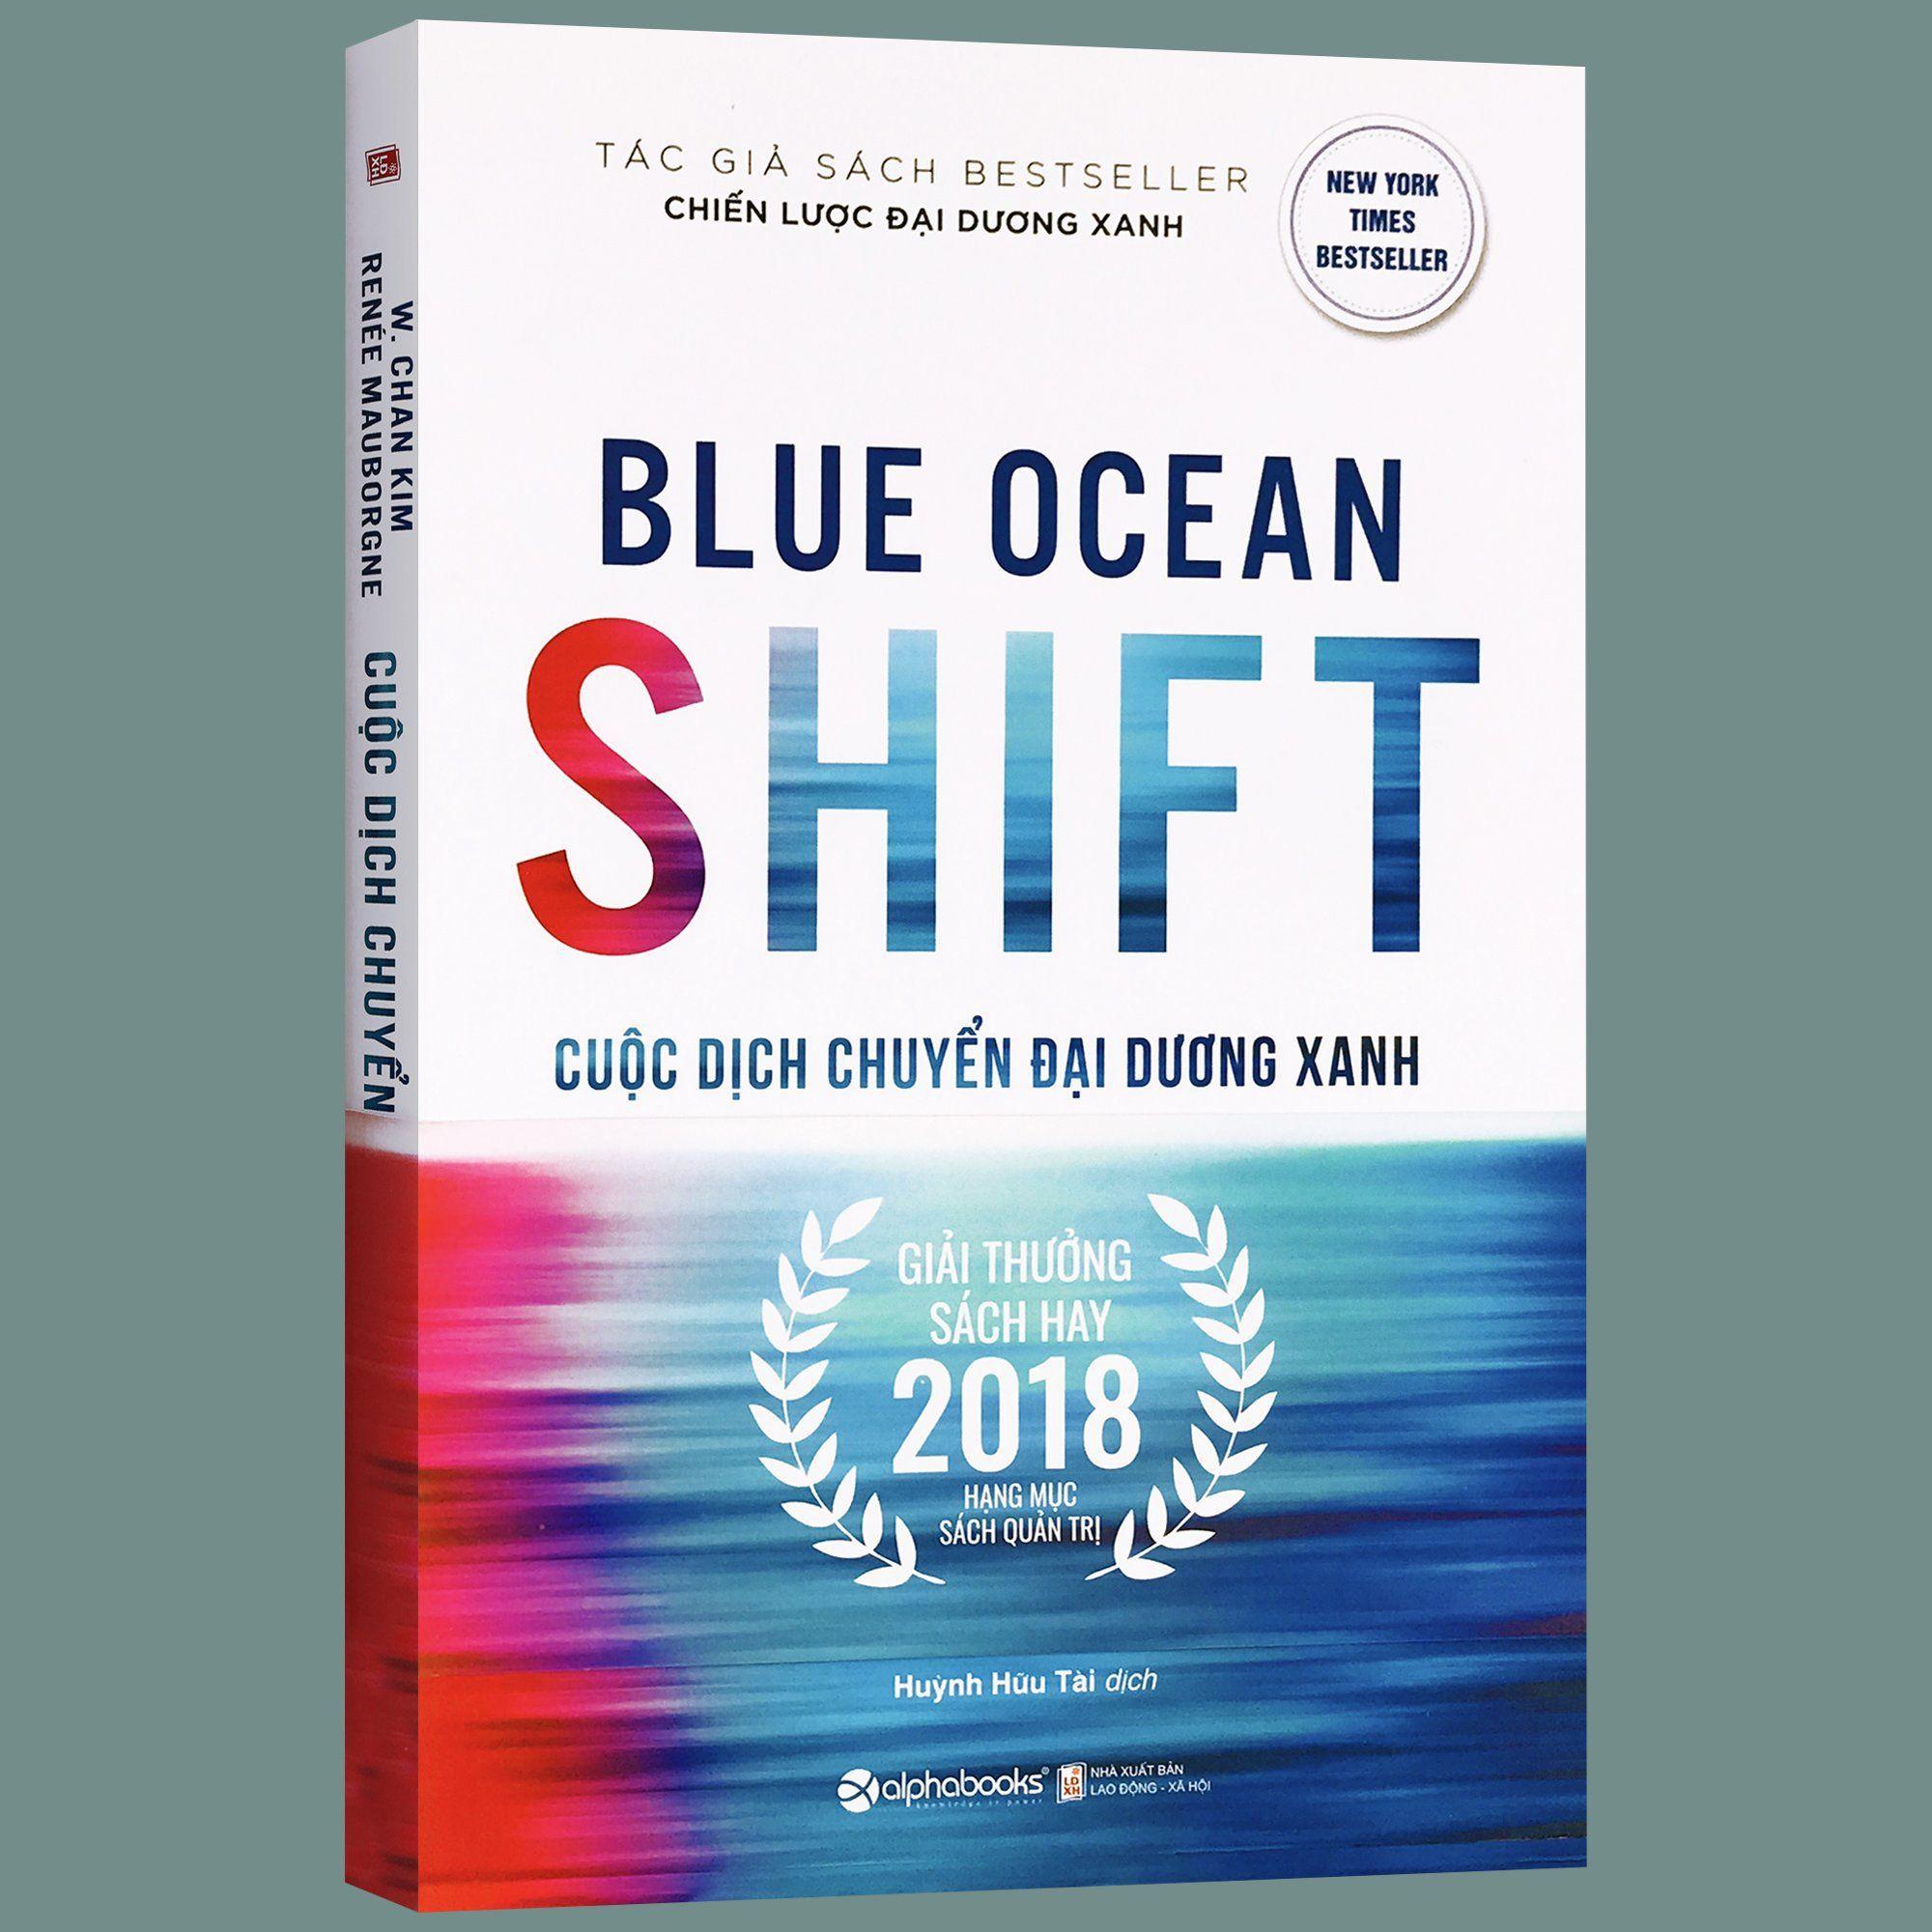 Sách - Blue Ocean Shift - Cuộc Dịch Chuyển Đại Dương Xanh - Thanh Hà Books